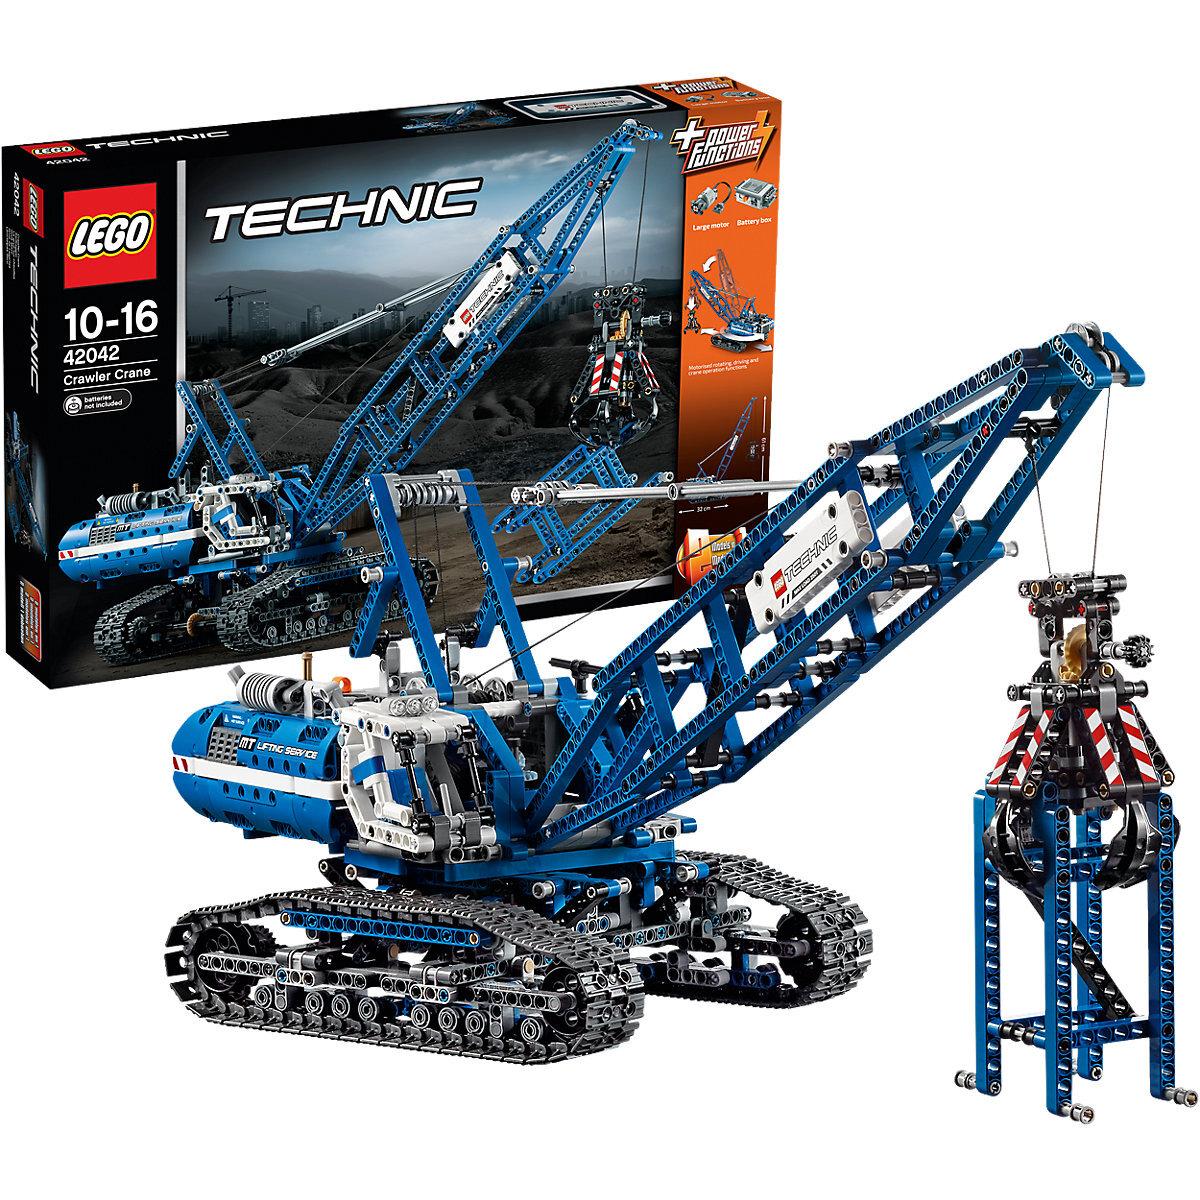 Đồ Chơi Lego Technic 42042 Cần Cẩu Bánh Xích